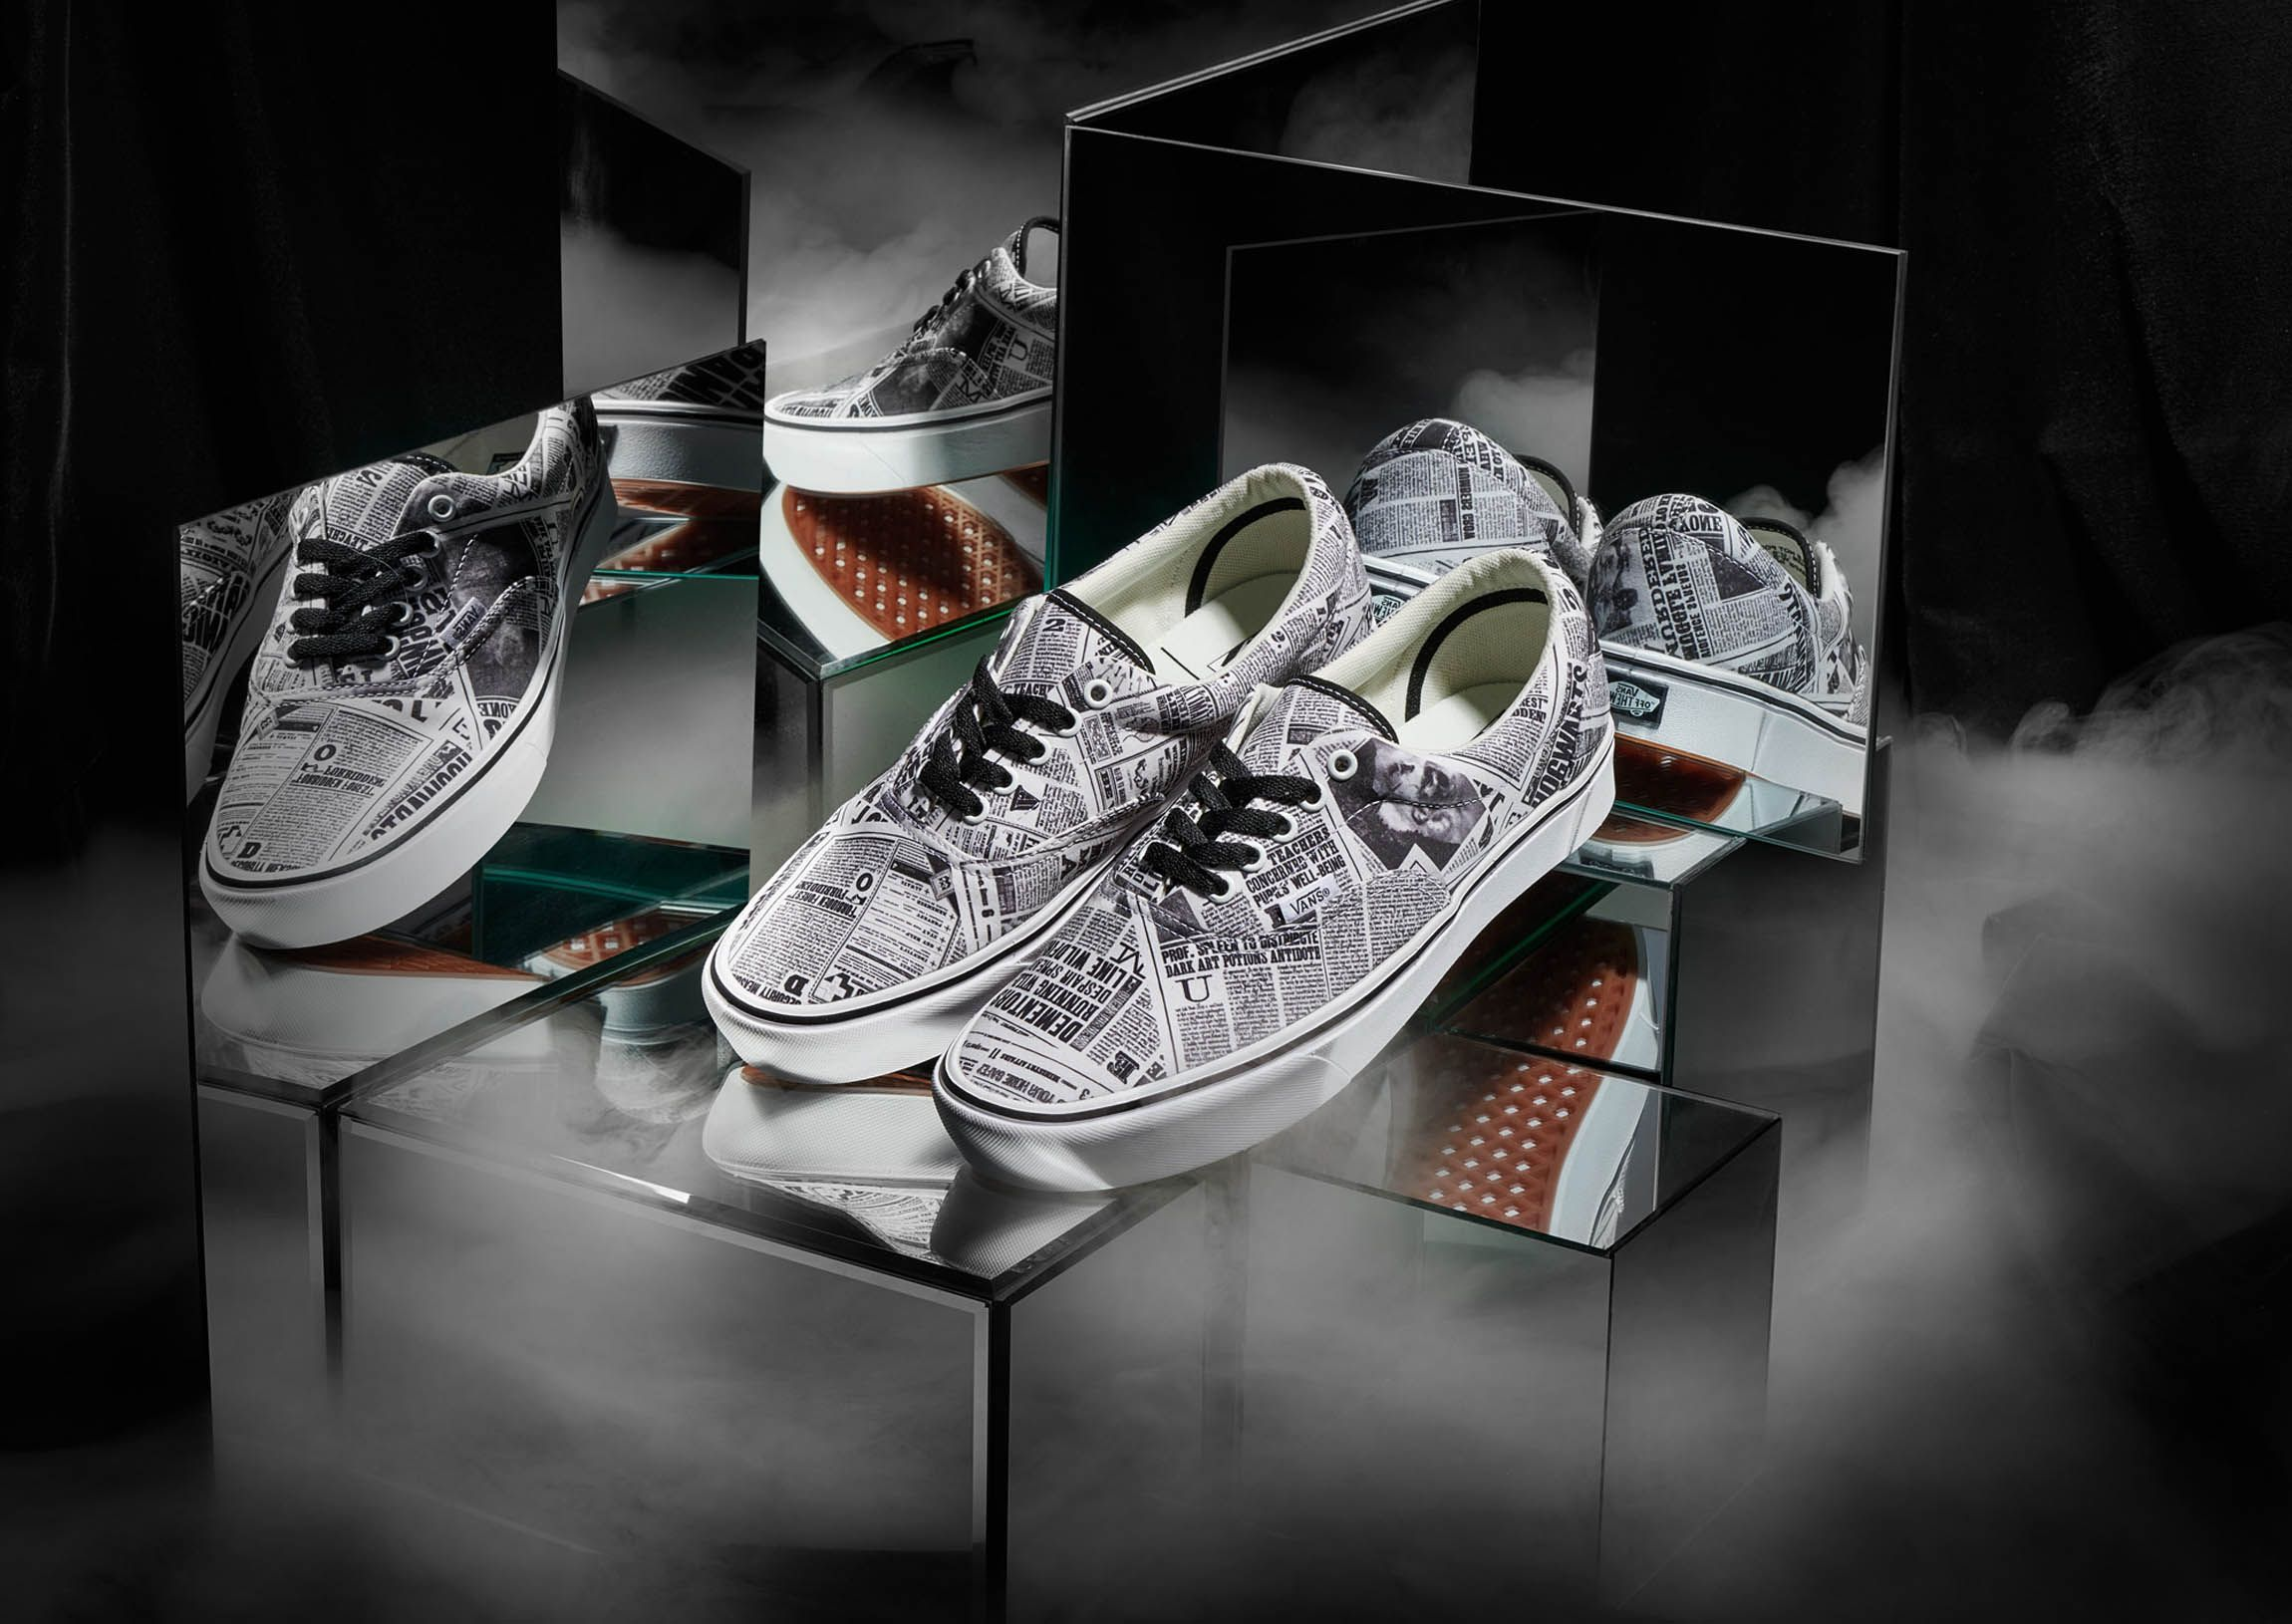 Vans x Harry Potter Collaboration 2019 Full Lookbook - Best Sneakers